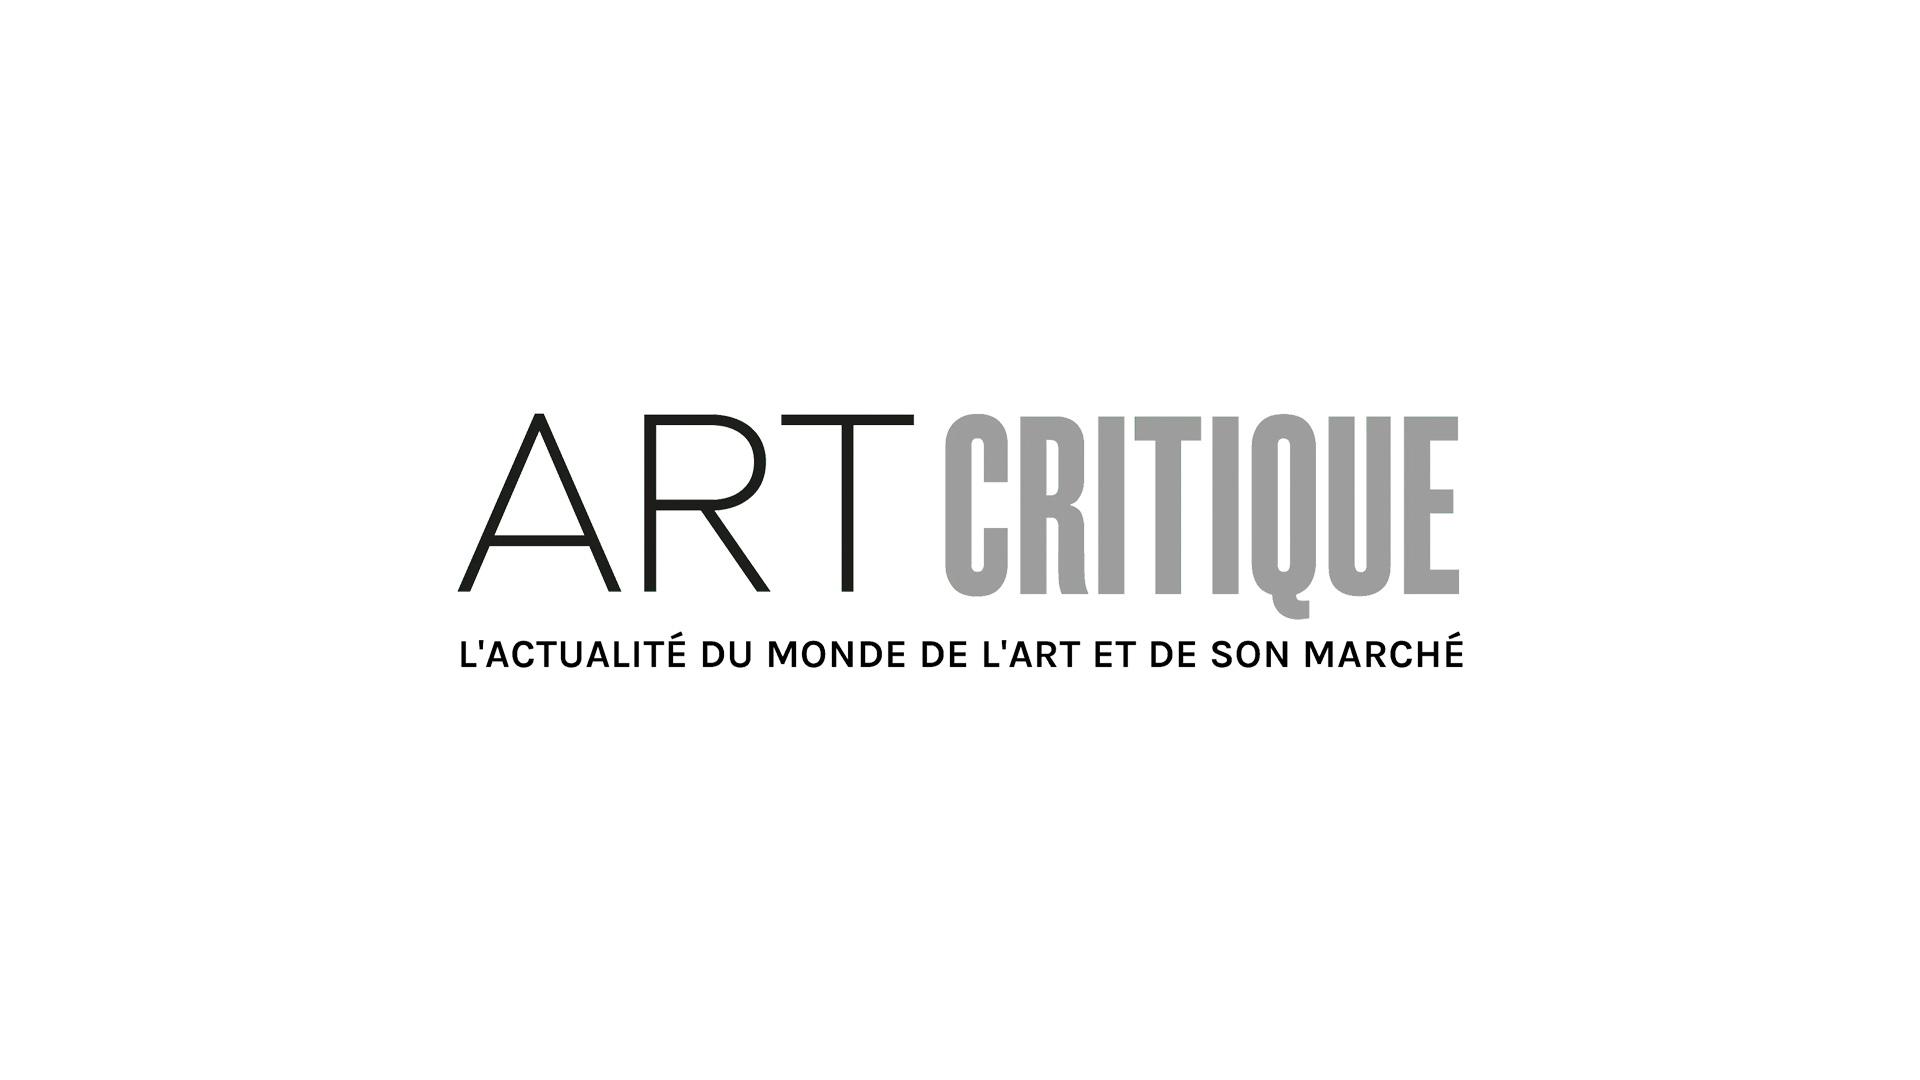 Une nouvelle exposition consacrée à Francis Bacon